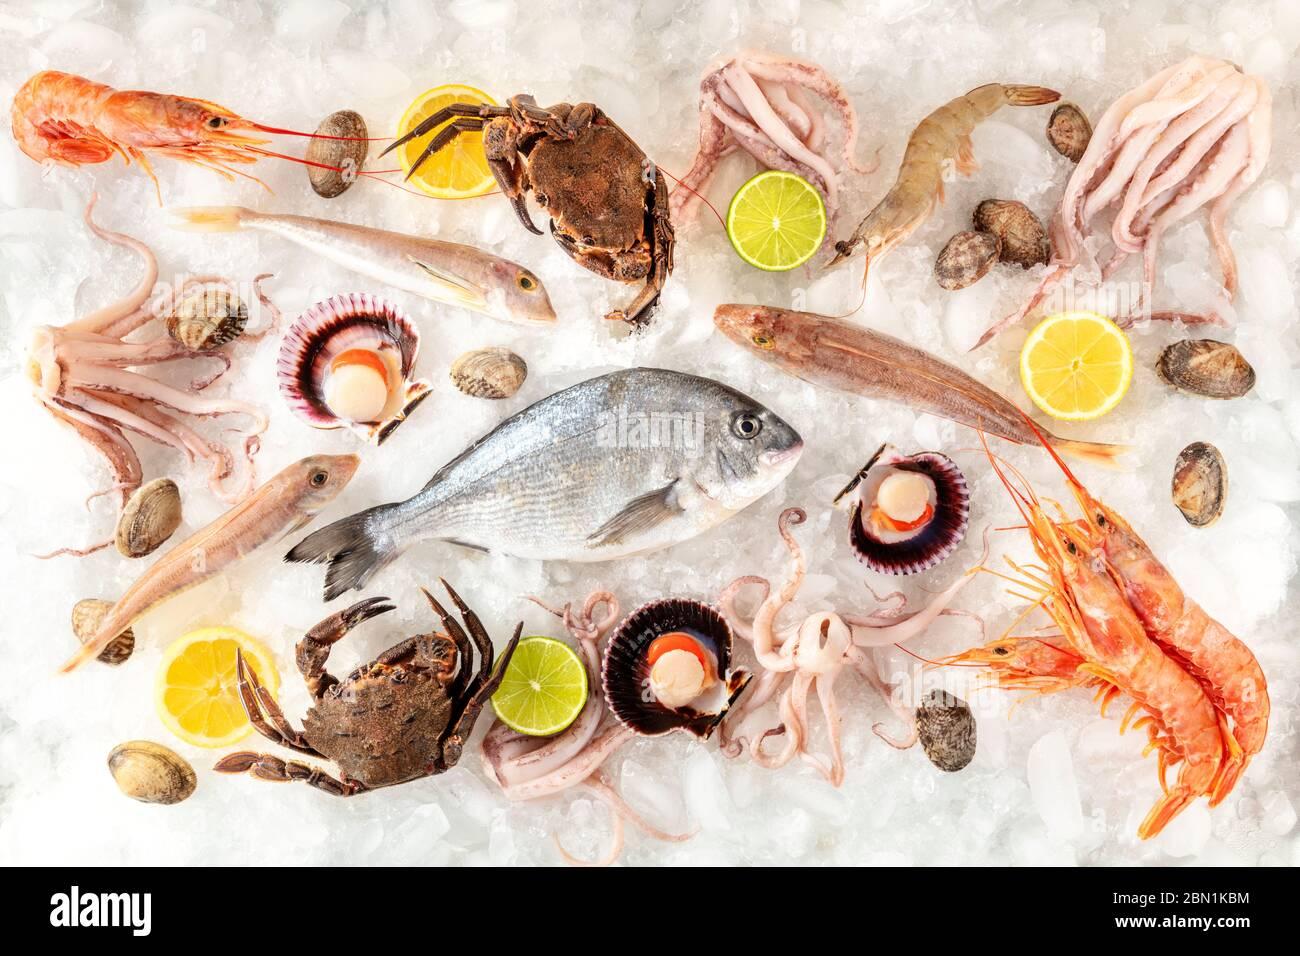 Pescado y mariscos variedad plana se depositan, tirados desde arriba sobre un fondo blanco, sobre hielo, con limones y limas Foto de stock